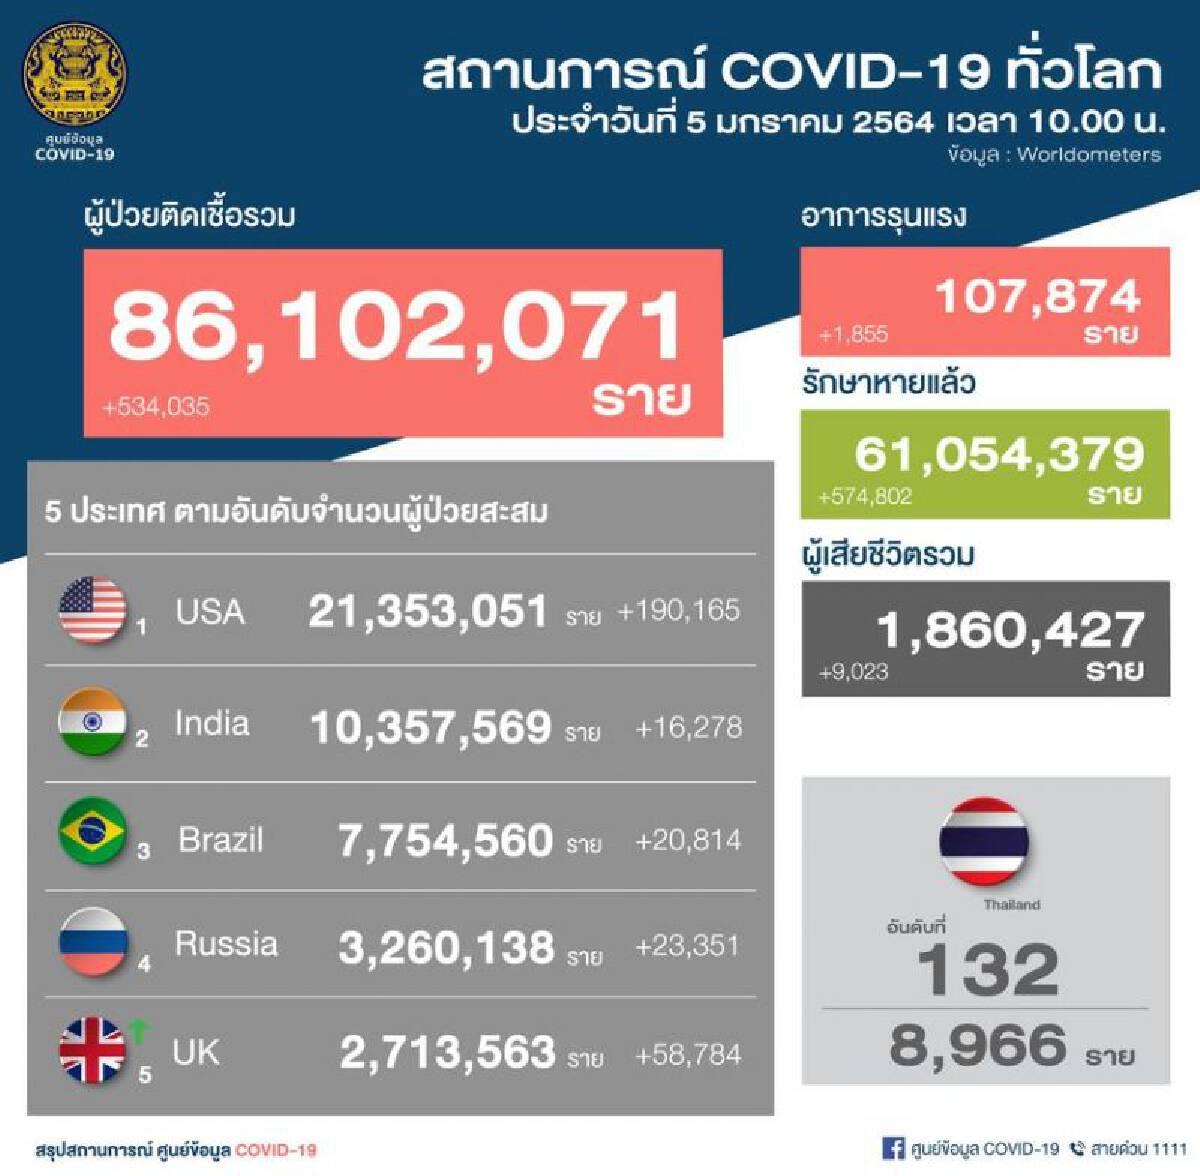 ยอดผู้ติดเชื้อโควิด (5 ม.ค.64) 527 ราย ในประเทศ 82 แรงงานต่างด้าว 439 ราย